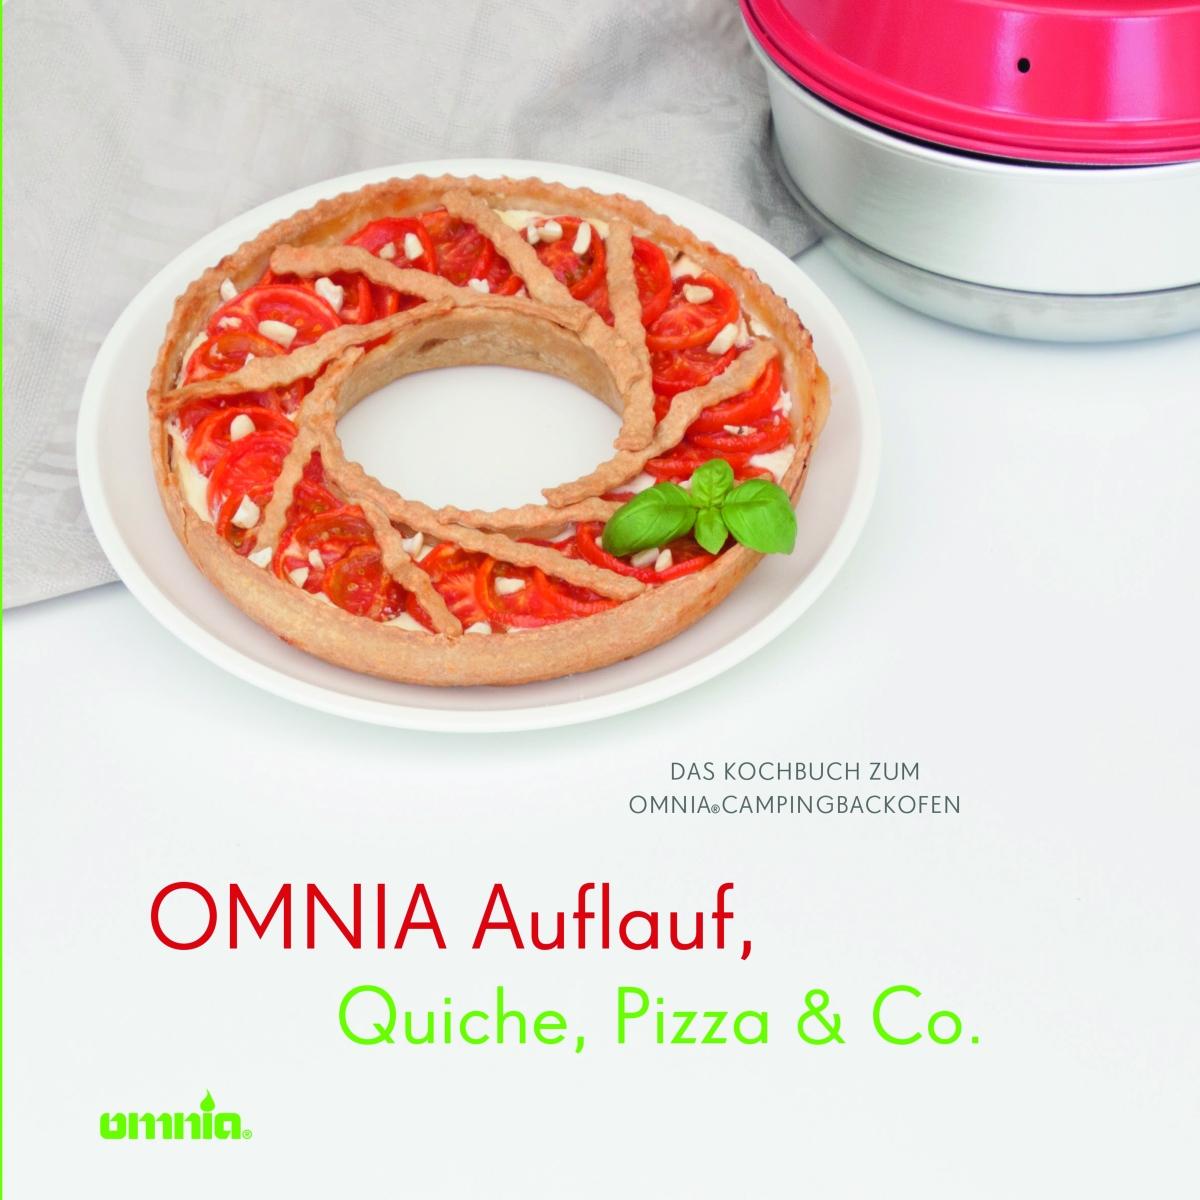 Omnia Auflauf, Quiche